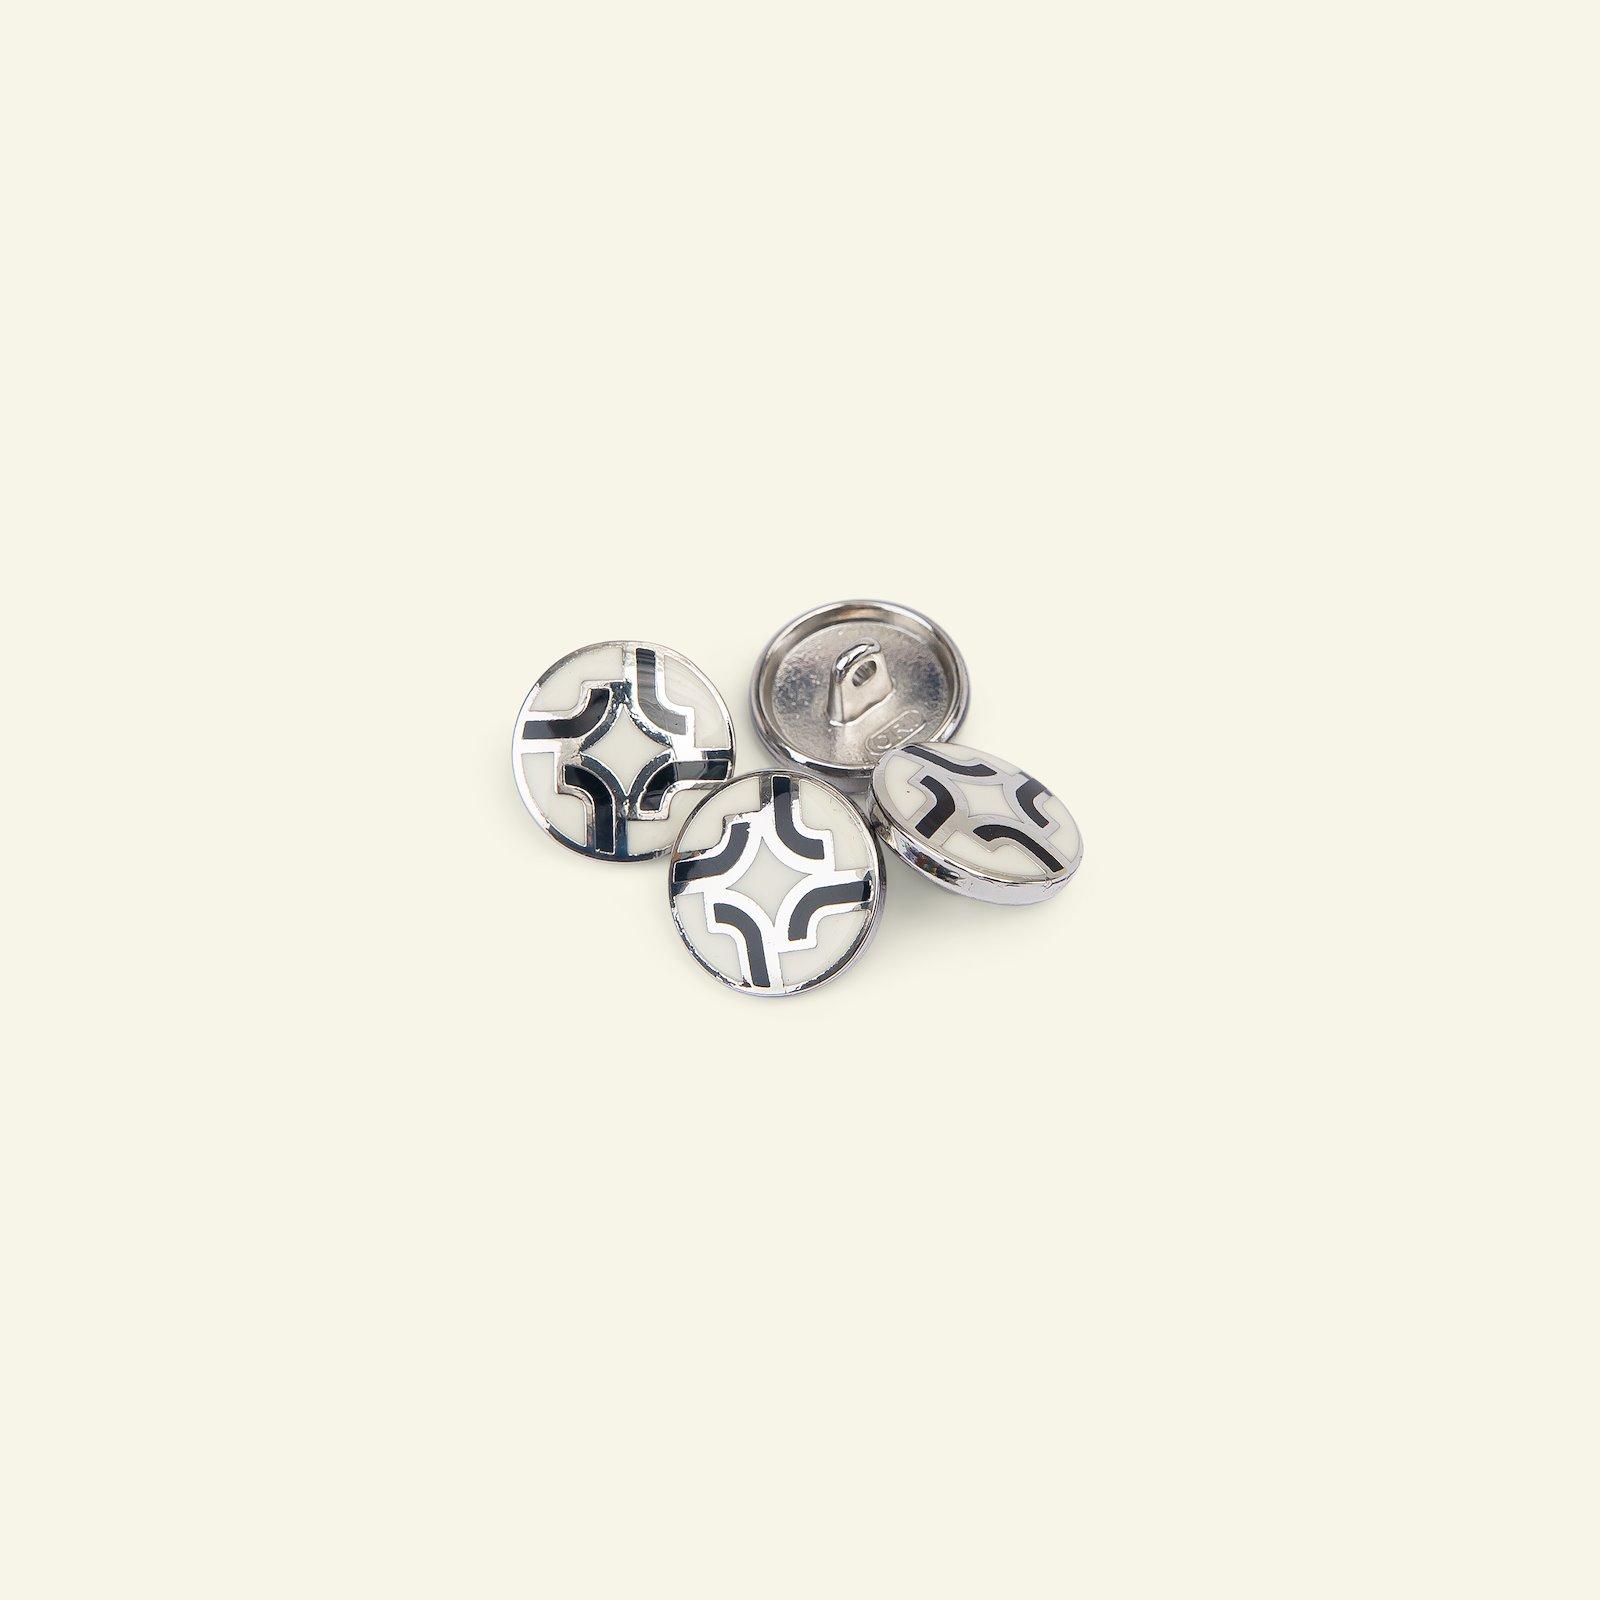 Shank button metal w/rim 15mm white 4pcs 33093_pack